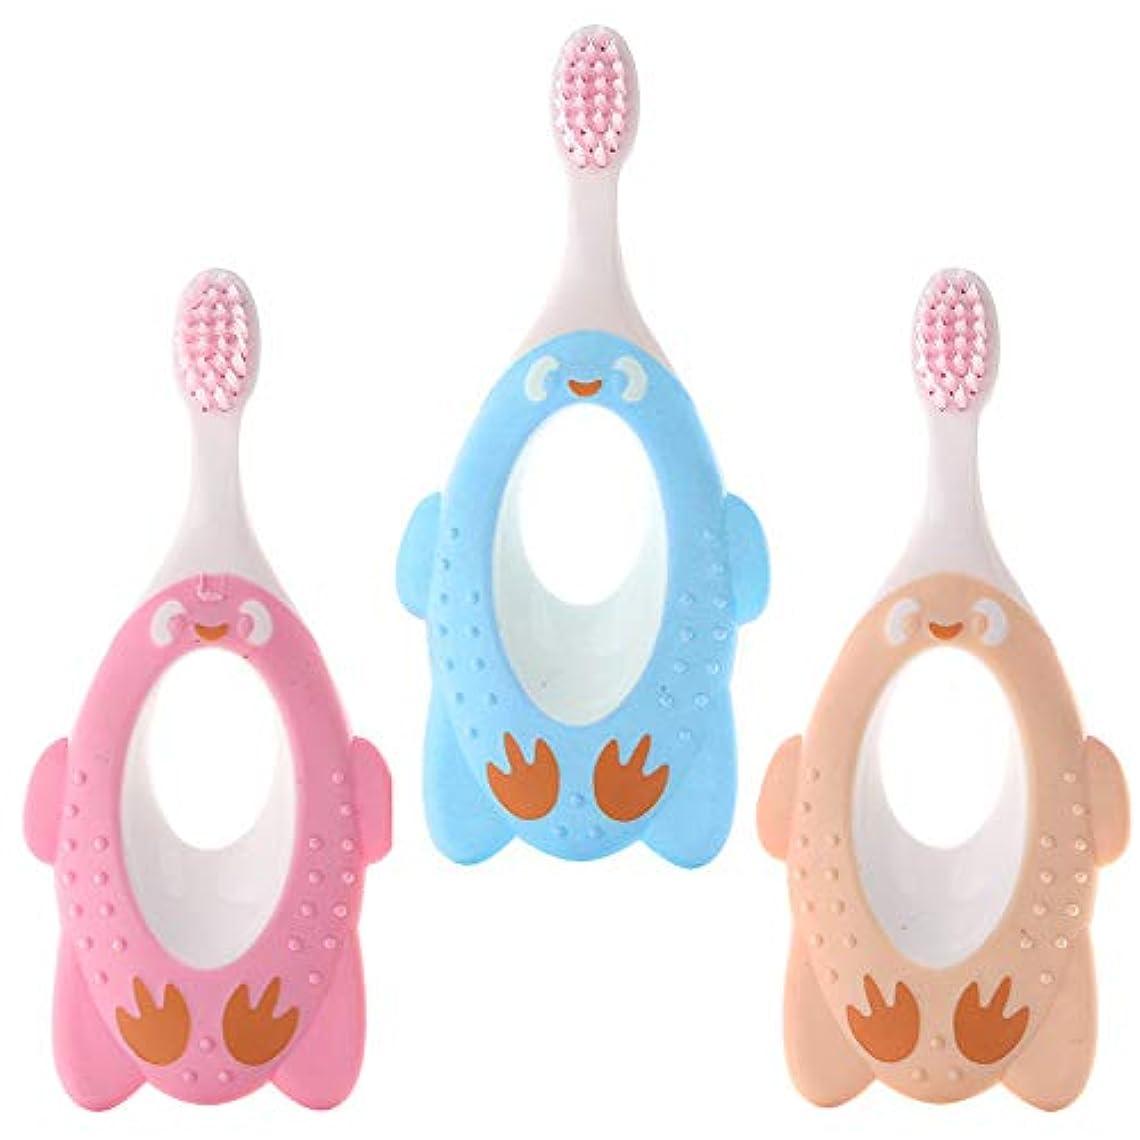 子供歯ブラシ 歯ブラシ 可愛い 漫画 柔らかい 歯 きれい 3本入